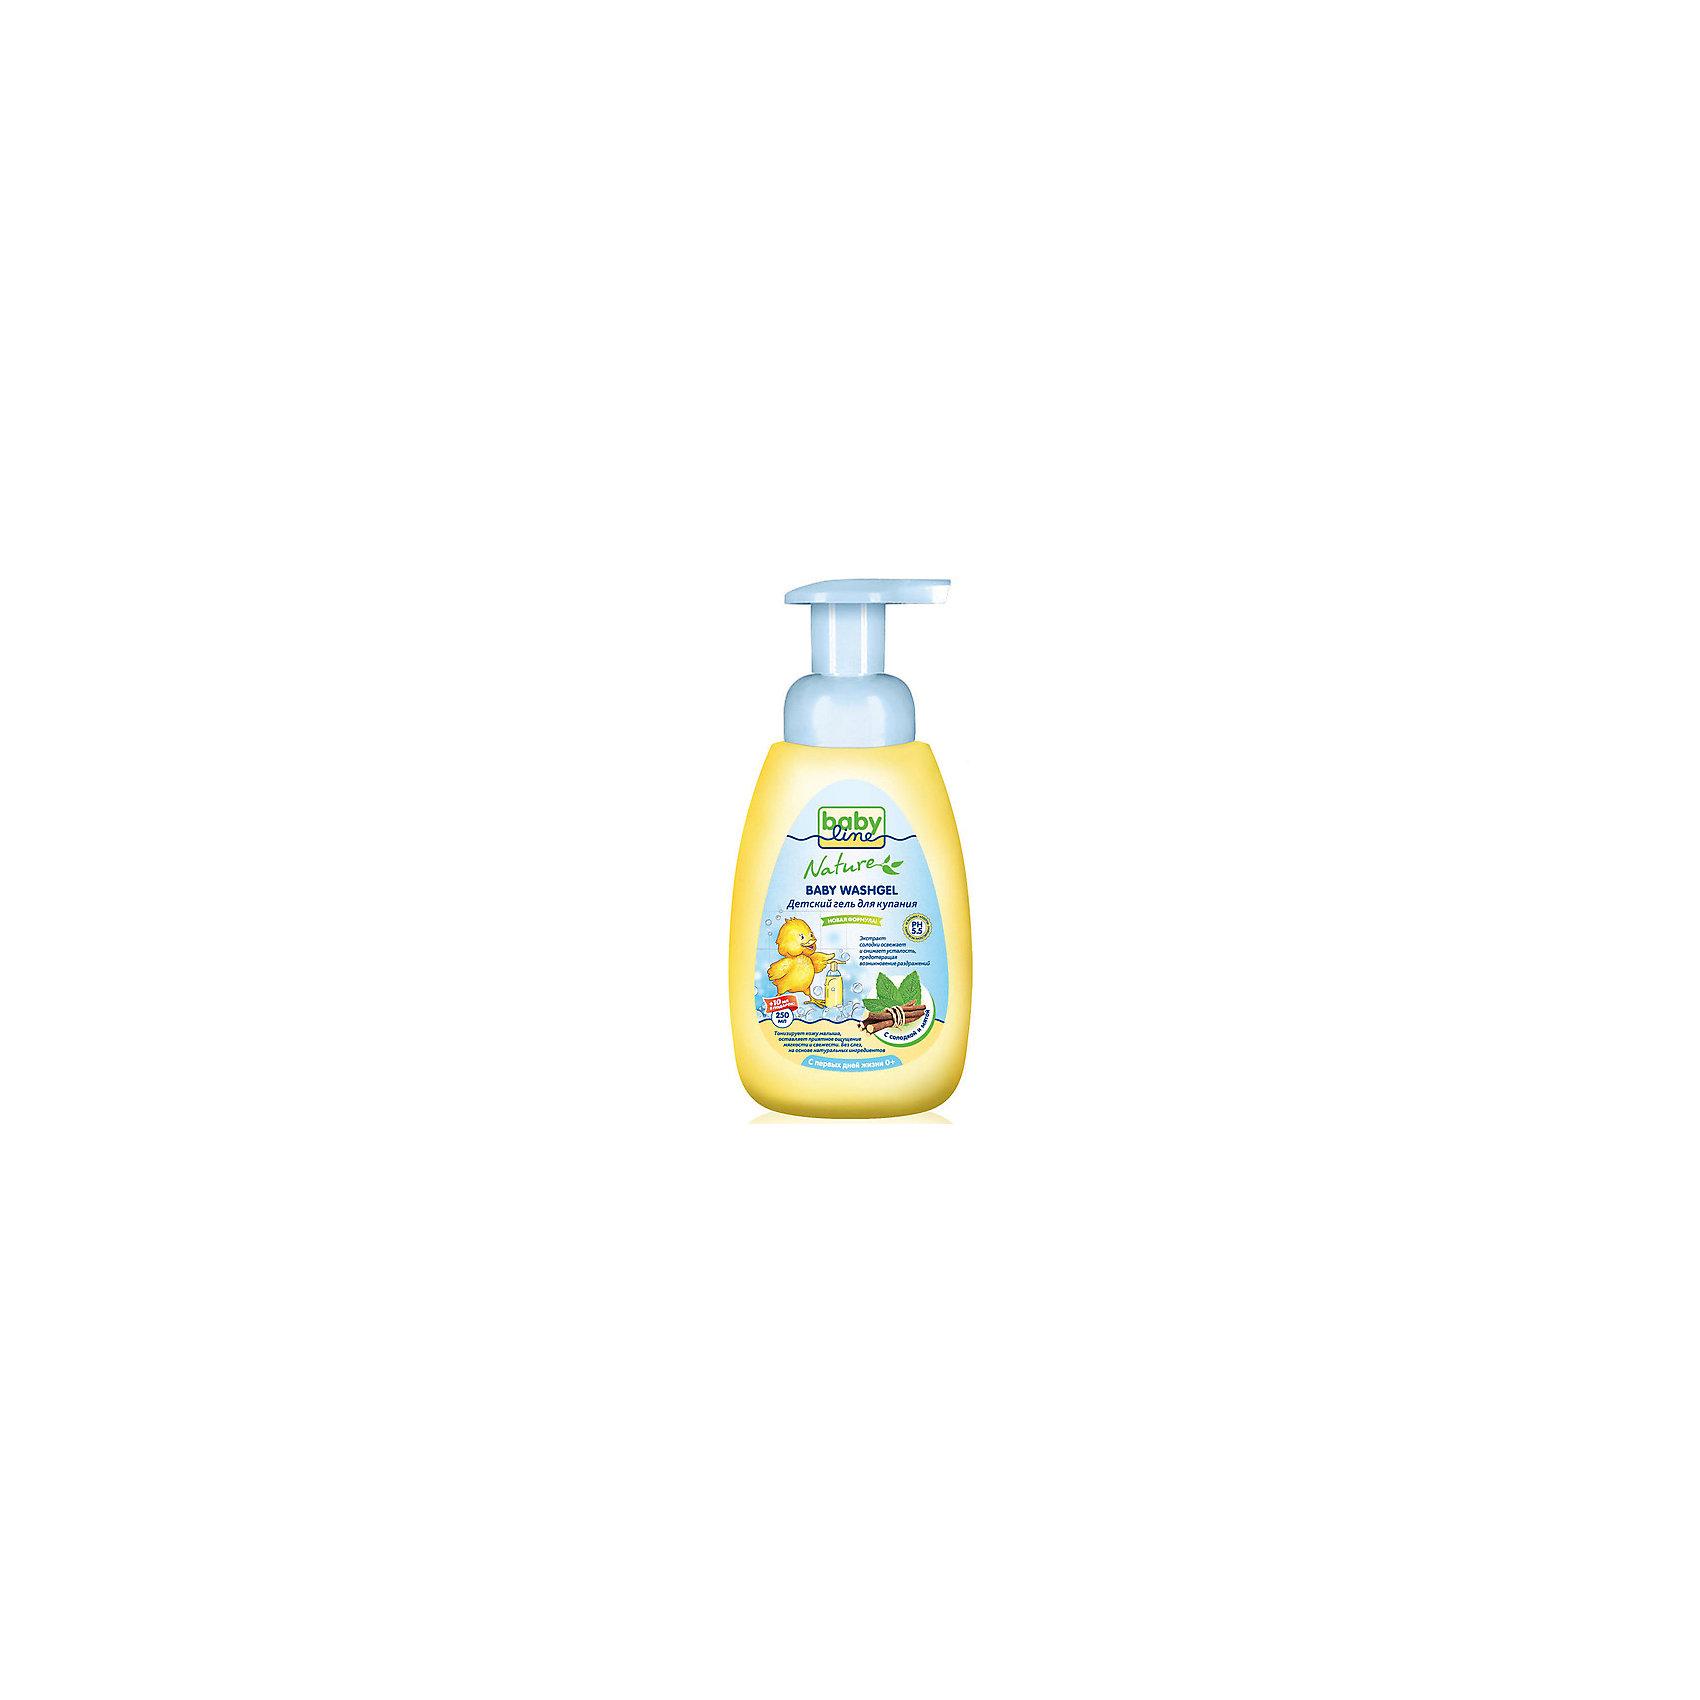 Гель для купания с мятой и солодкой, Babyline, 500 мл.Гель для купания малыша Babyline / Baby Washgel 250 и 500 мл (с дозатором)<br>Нежнaя очистка без мыла с ромашкой, пантенолом и фруктовыми тензидами. <br>С пшеничными протеинами без мыла и красителей. <br>Гель для купания Babyline™ специально разработан для ежедневной очистки чувствительной кожи Вашего малыша. <br>Мягкие моющие компоненты с ароматом яблока для нежной очистки. Протестировано аллергологами.<br>Состав: вода, лаурил глюкозид, кокамидопропилбетаин, лаурилсаркозинат натрия, кокоил натрия гидролизованного пшеничного протеина, лимонная кислота, натрия кокоил яблочных аминокислот, феноксиэтанол, отдушка, метилпарабен, пантенол, пропилпарабен, ромашка, бисаболол.<br>Способ применения: Гель выдавить на руку или губку, вспенить и легкими массажными движениями нанести на кожу, после чего смыть водой.<br><br>Ширина мм: 93<br>Глубина мм: 56<br>Высота мм: 195<br>Вес г: 620<br>Возраст от месяцев: 0<br>Возраст до месяцев: 36<br>Пол: Унисекс<br>Возраст: Детский<br>SKU: 4729783